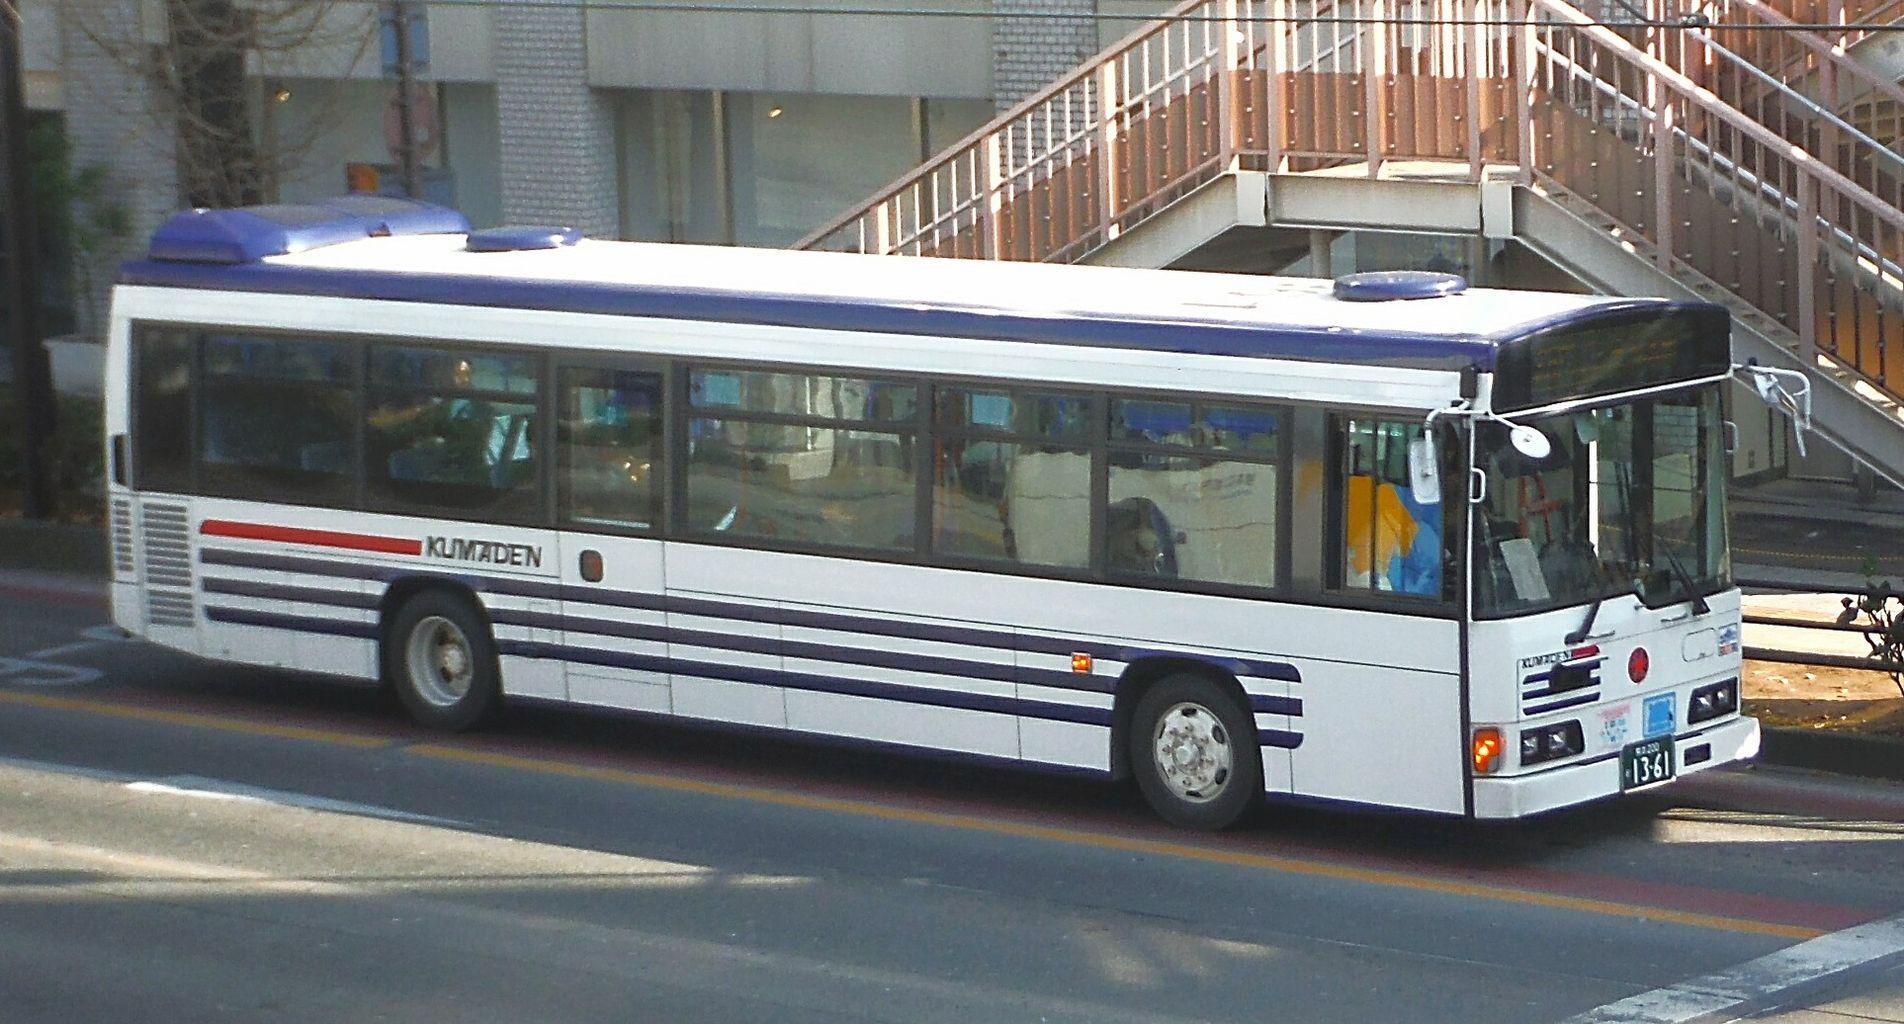 熊本電気鉄道 熊本200か1361 : ?BUS畫像館熊本??今年もご愛顧ありがとうございました。來る2021年も ...